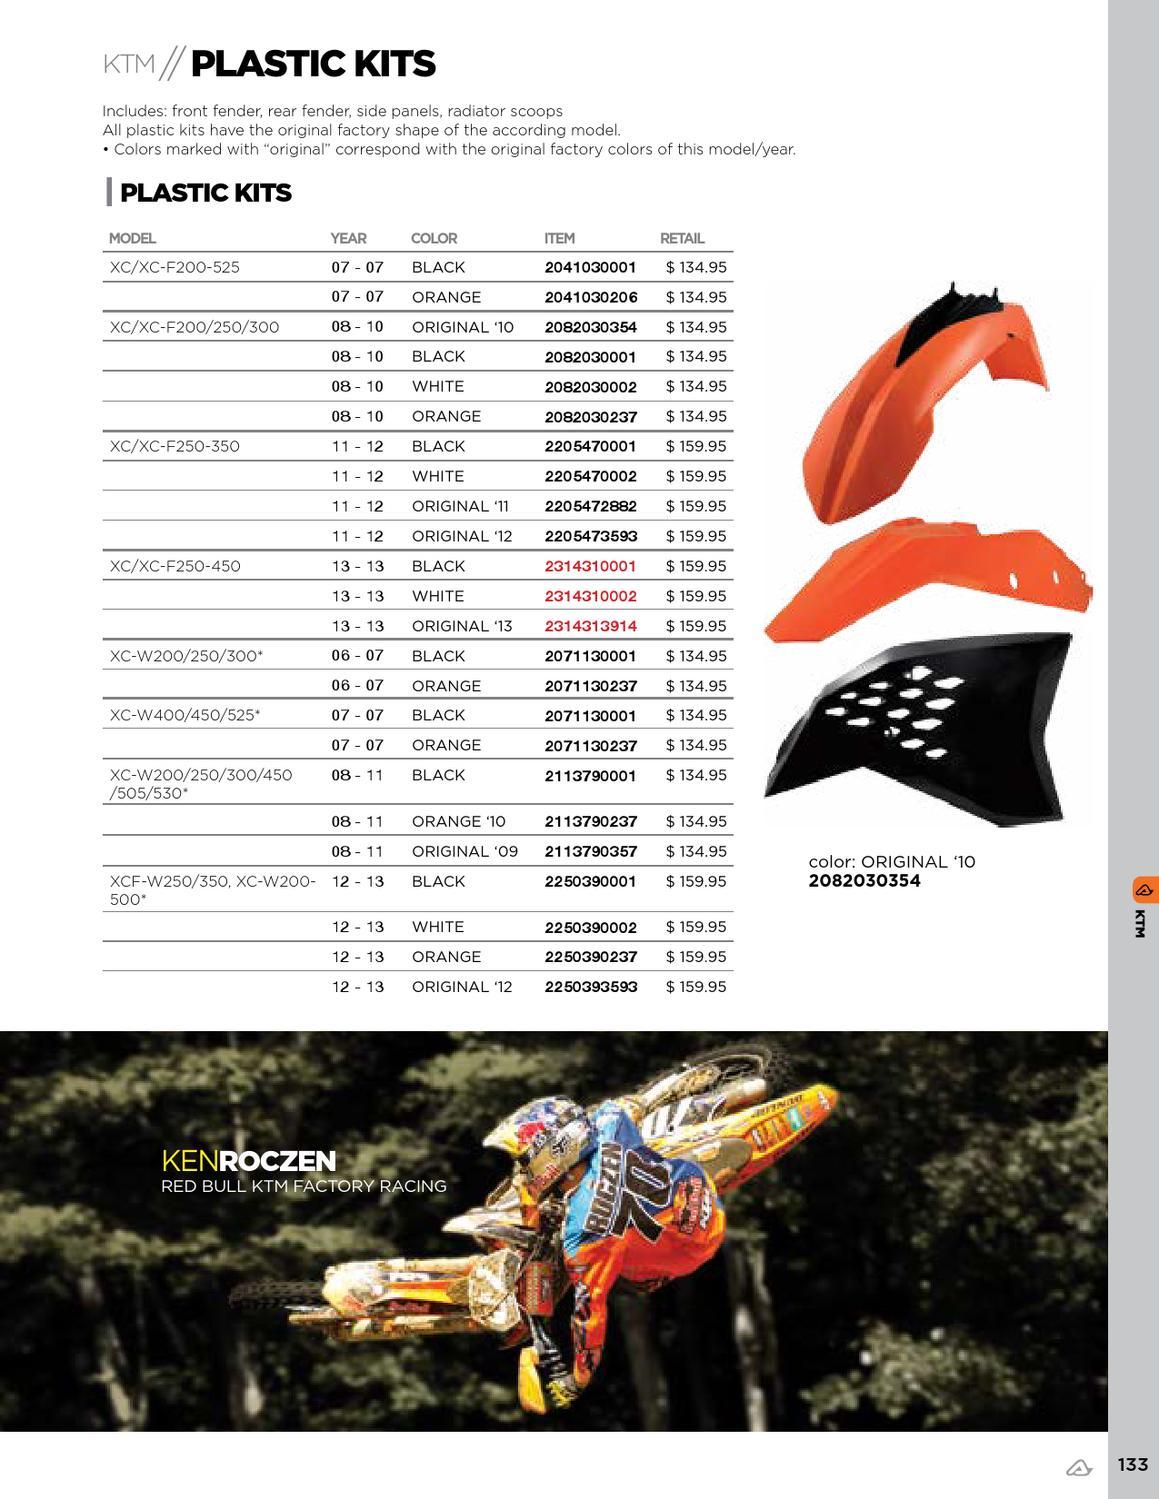 Plastic Kit Acerbis Black 2071130001